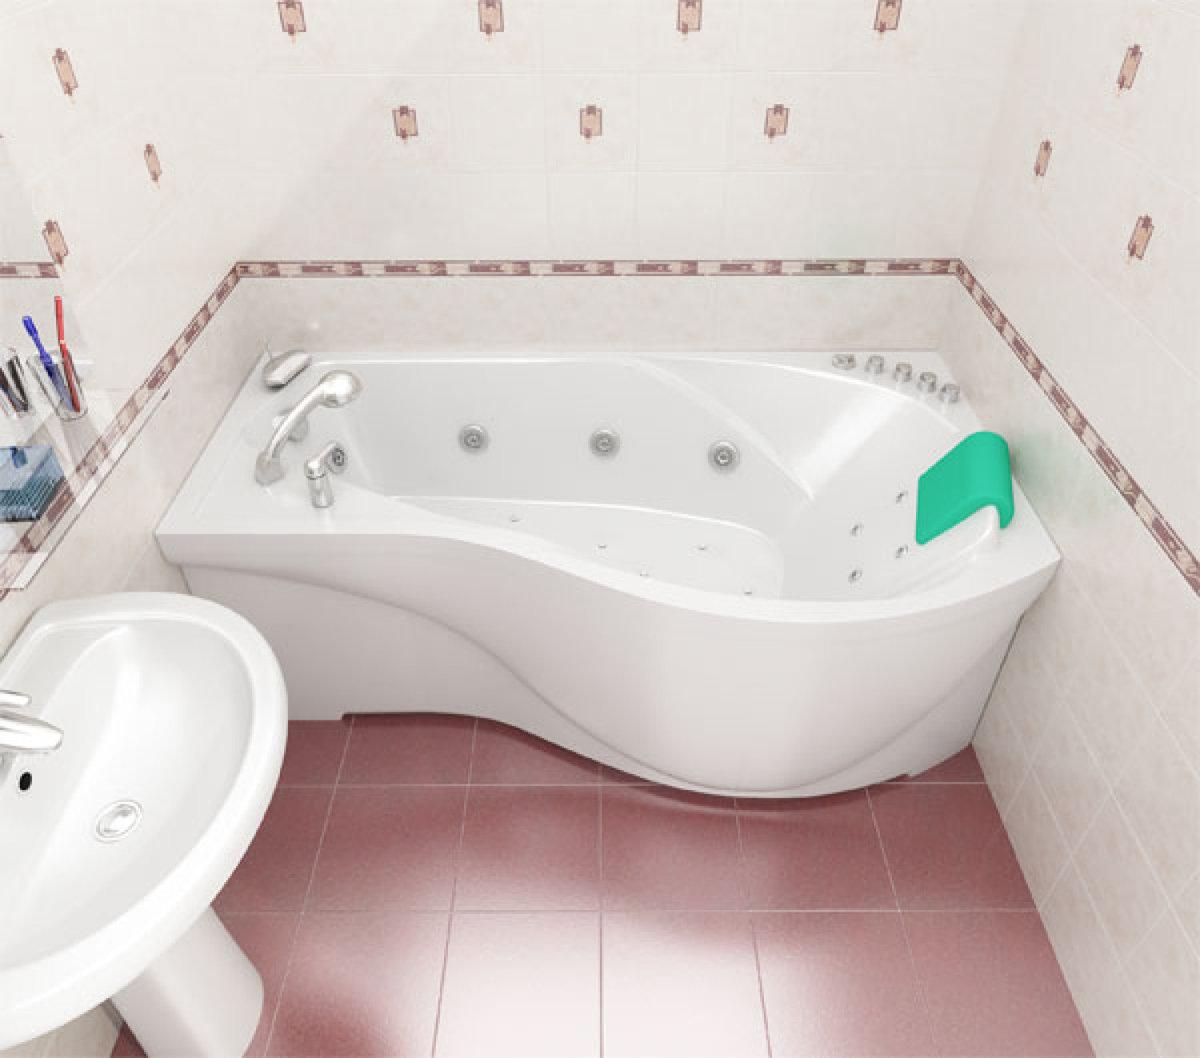 Особенности дизайна маленькой ванны, совмещенной с туалетом в стандартной хрущевке